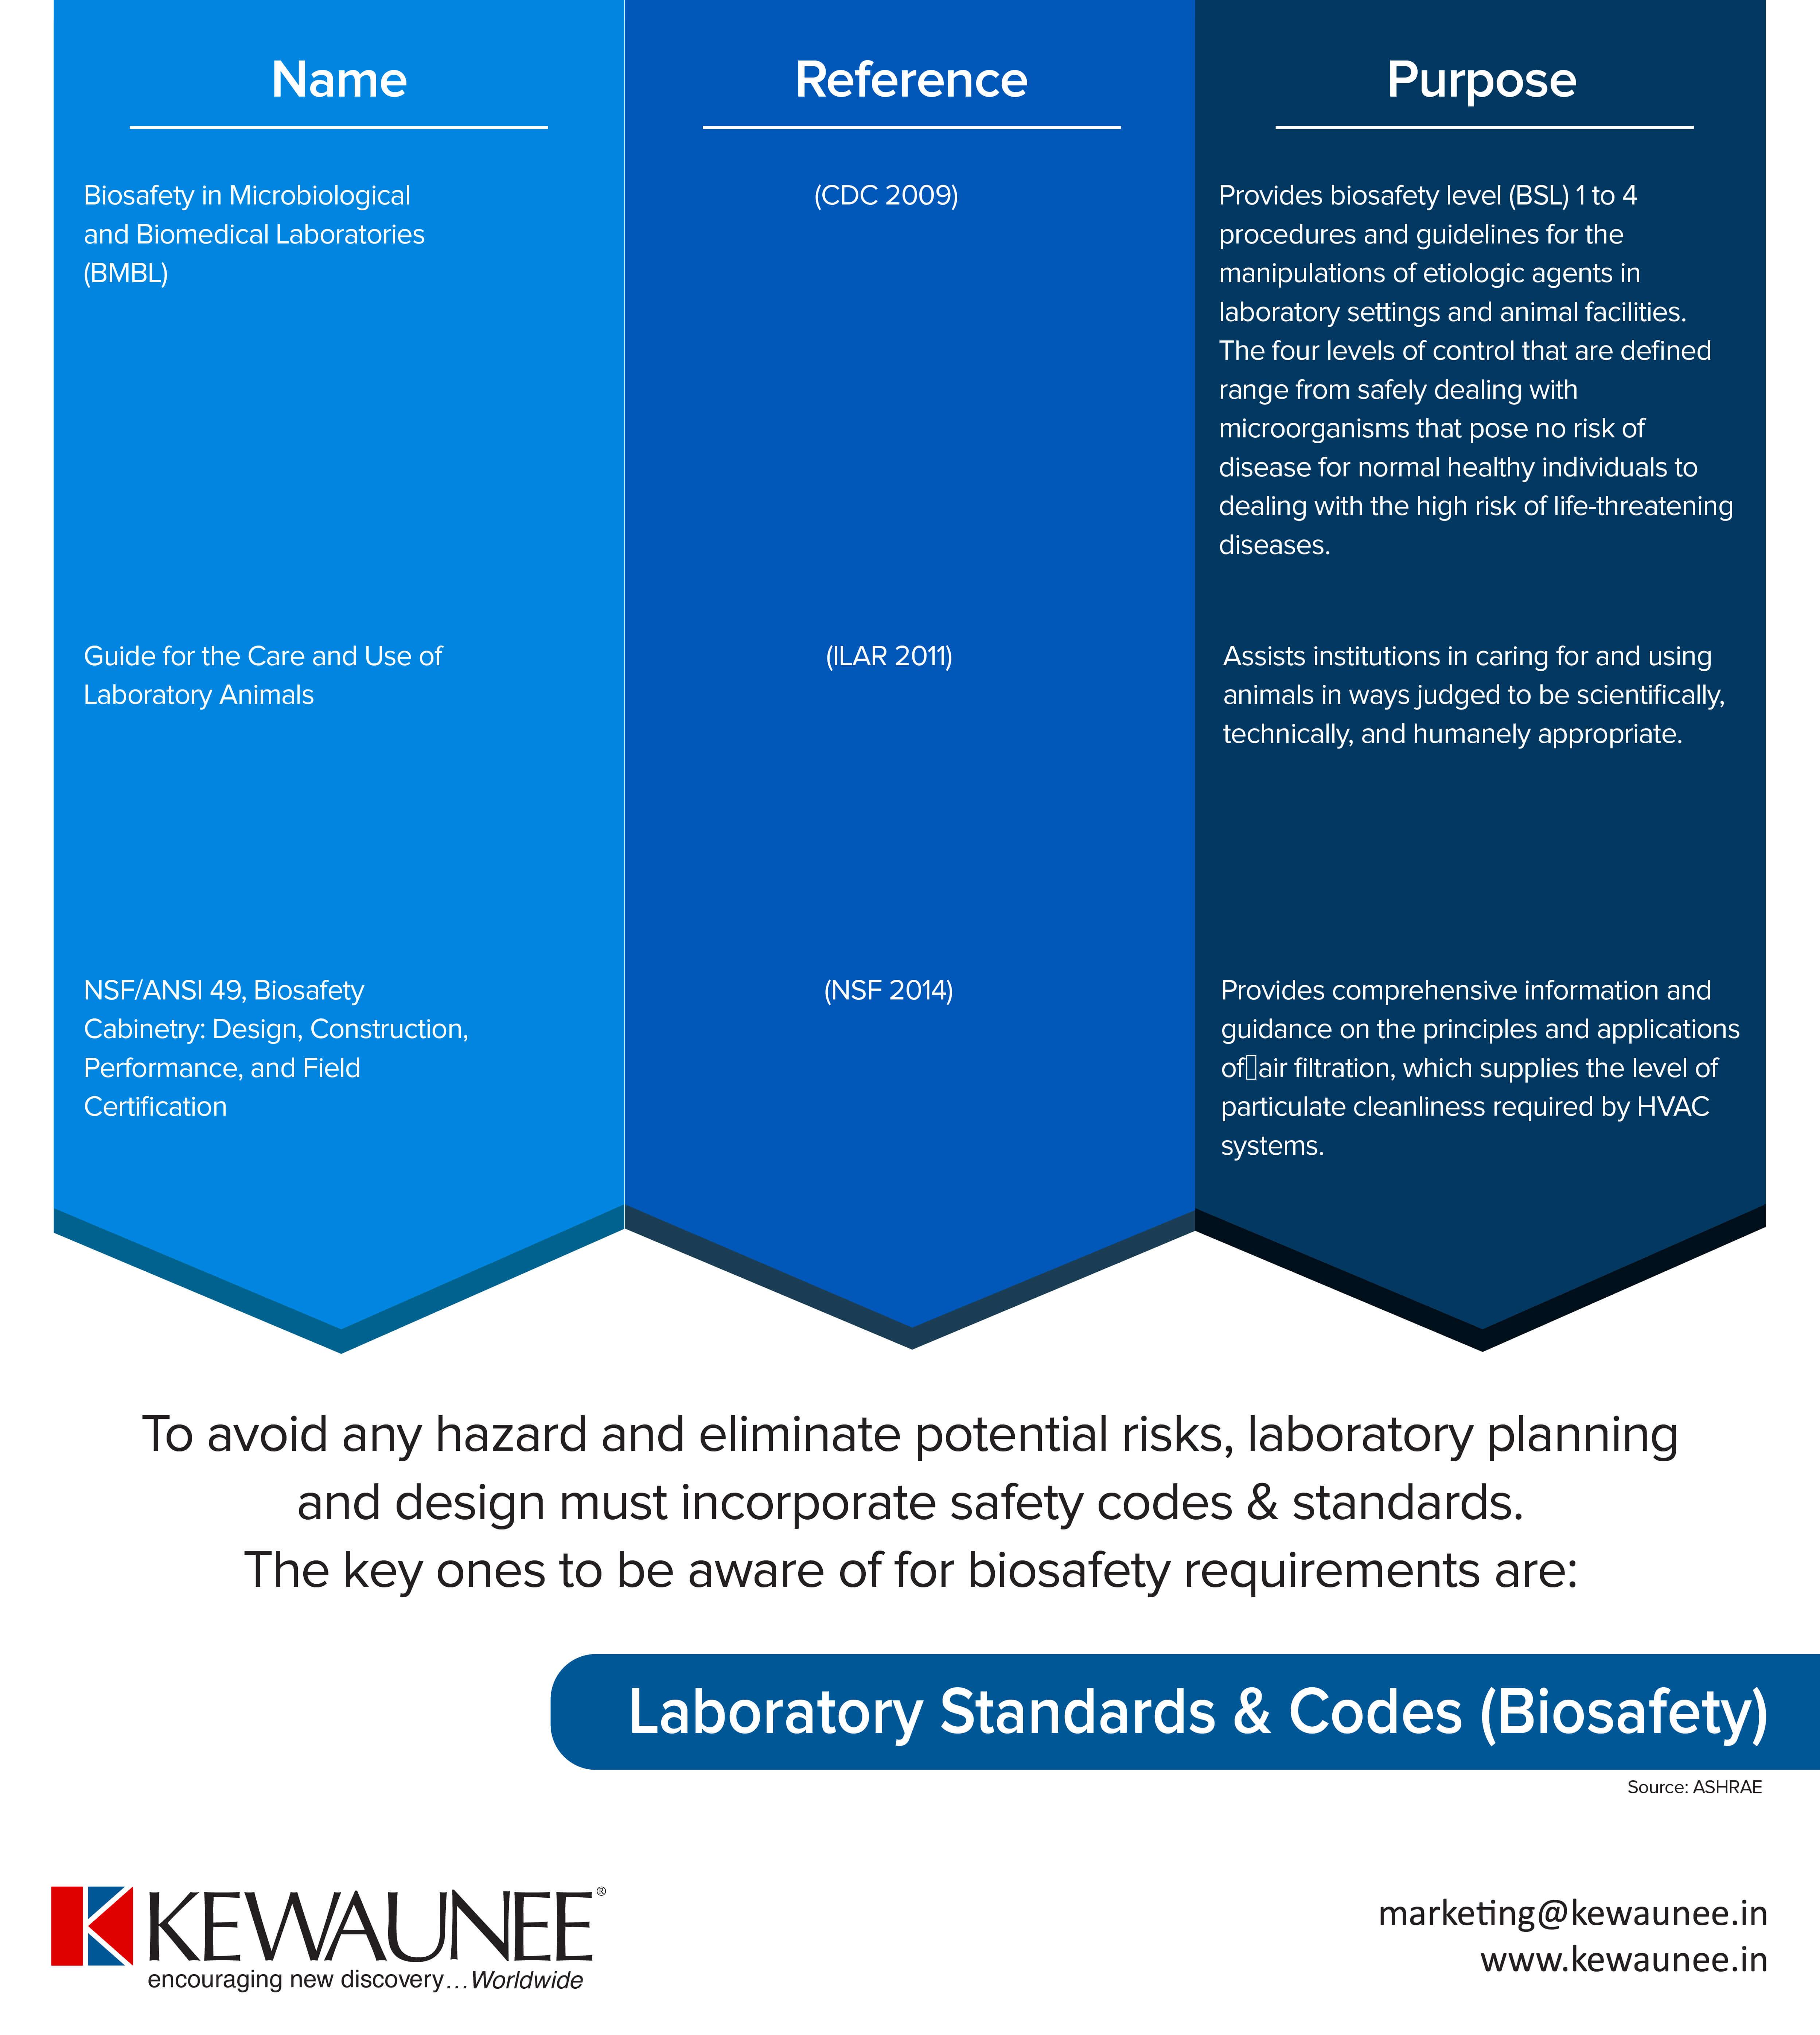 Biosafety Standards & Codes